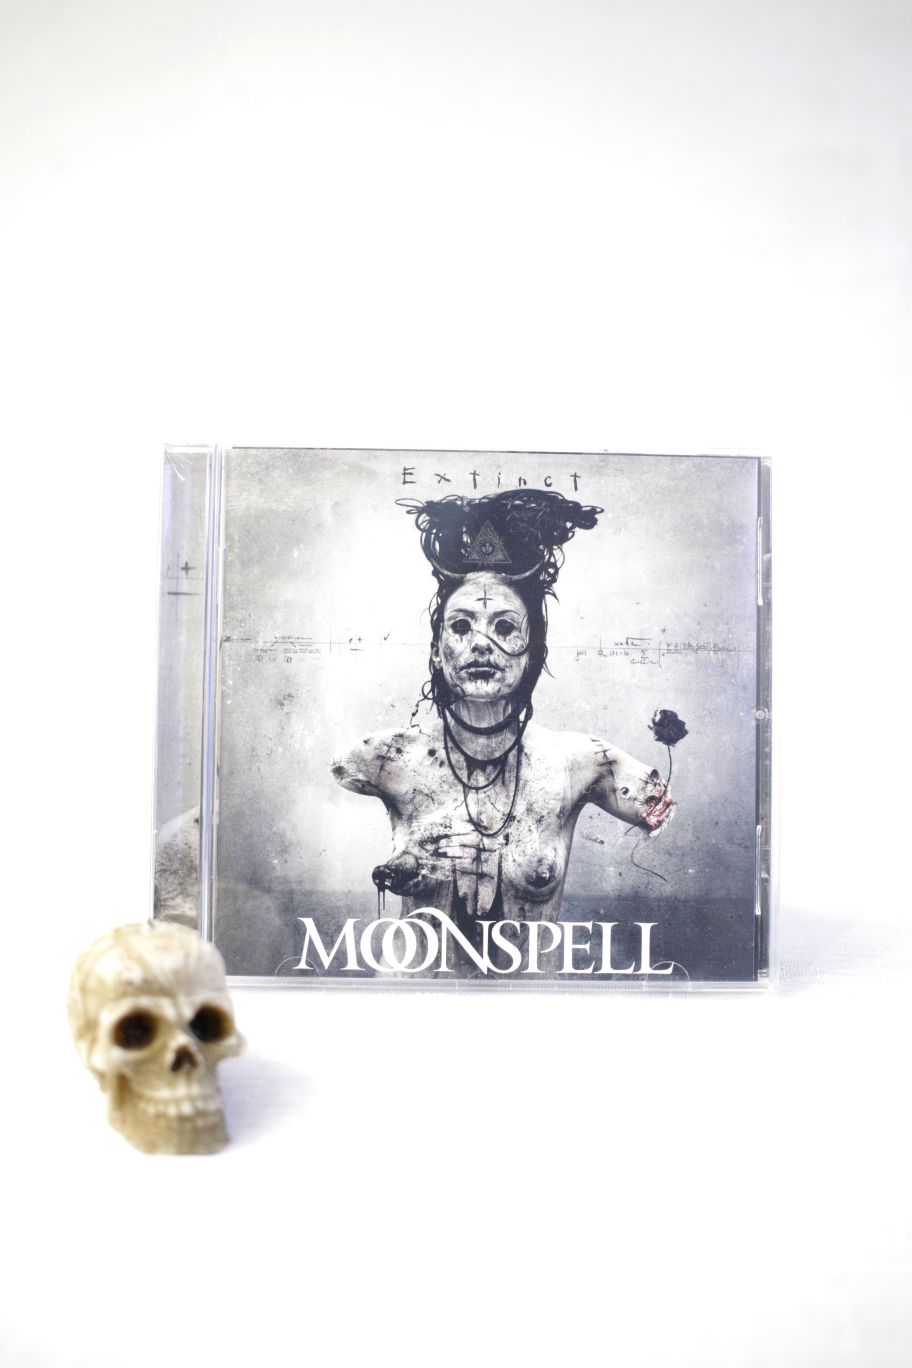 CD MOONSPELL EXTINCT